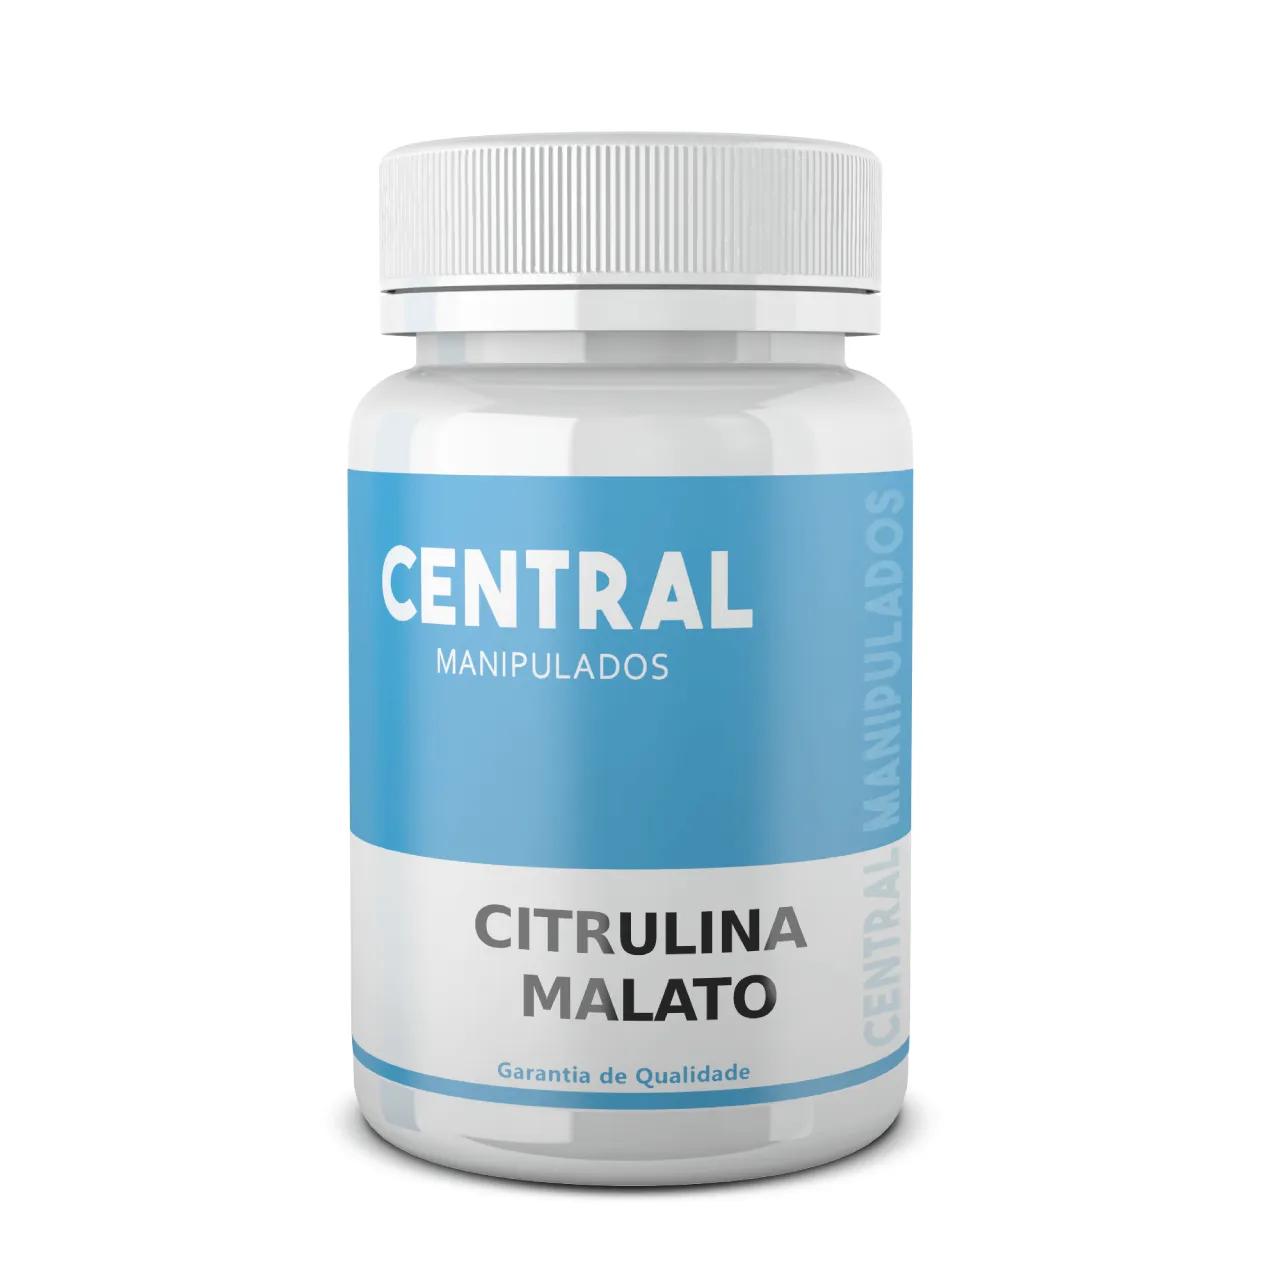 Citrulina Malato 500mg - 120 Cápsulas - Ganho de massa muscular, Melhor desempenho esportivo, físico e mental, Aumenta a força e resistência